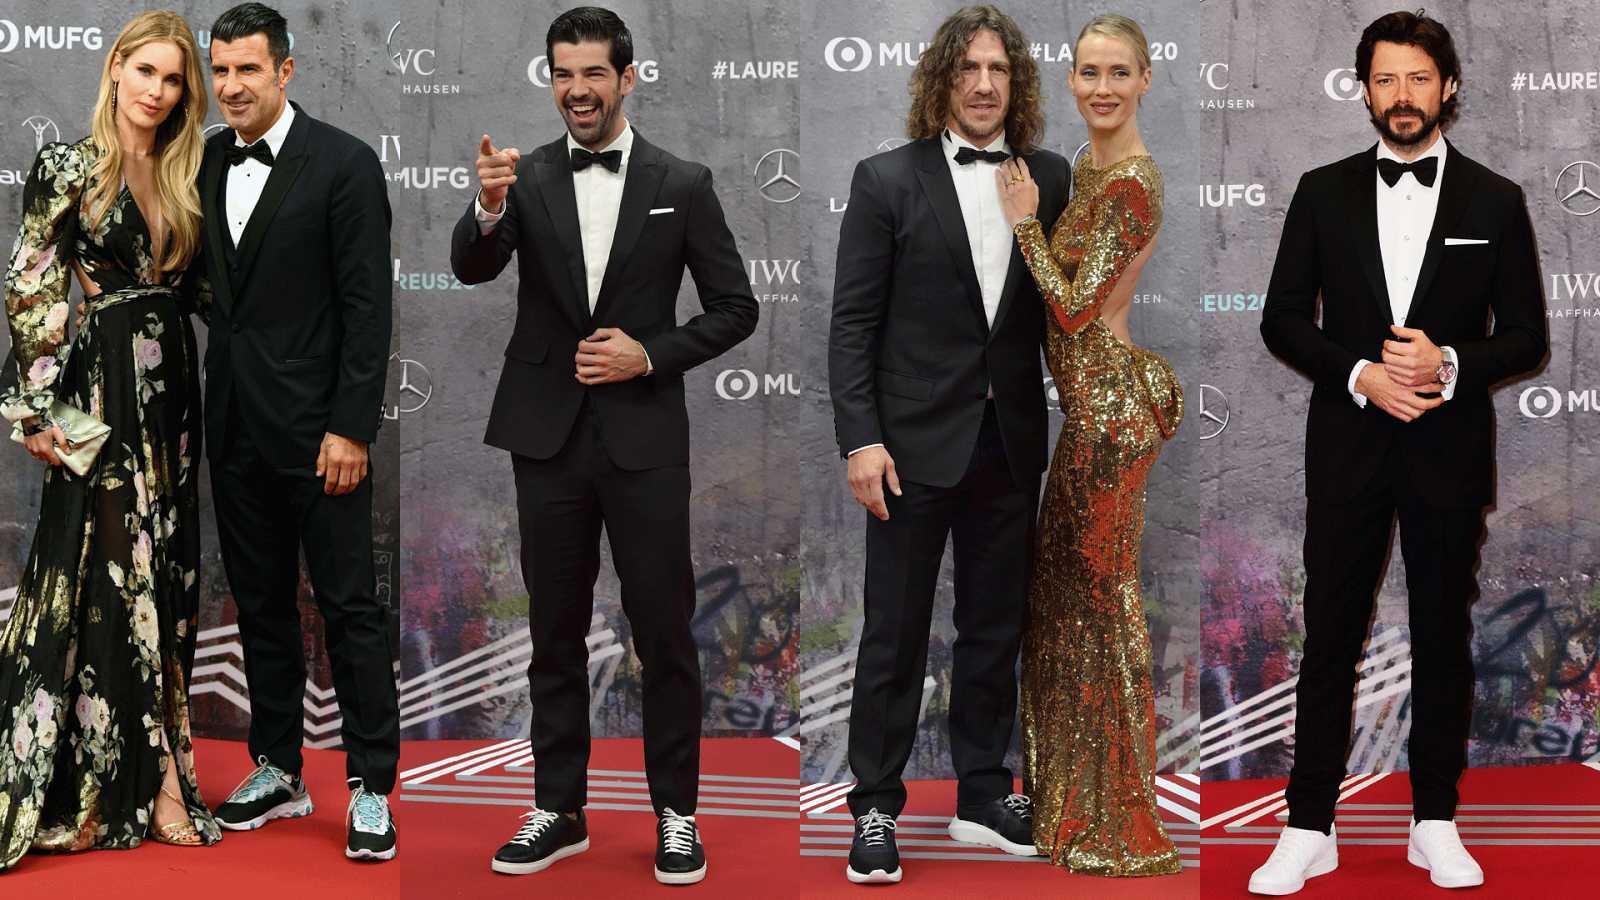 Representación española en los Premios Laureus:  Luis Figo y su esposa, Helen Sveden, Miguel Ángel Muñoz, Carles Puyol y su pareja, Vanesa Lorenzo y Álvaro Morte en la alfombra roja de los Premios Laureus